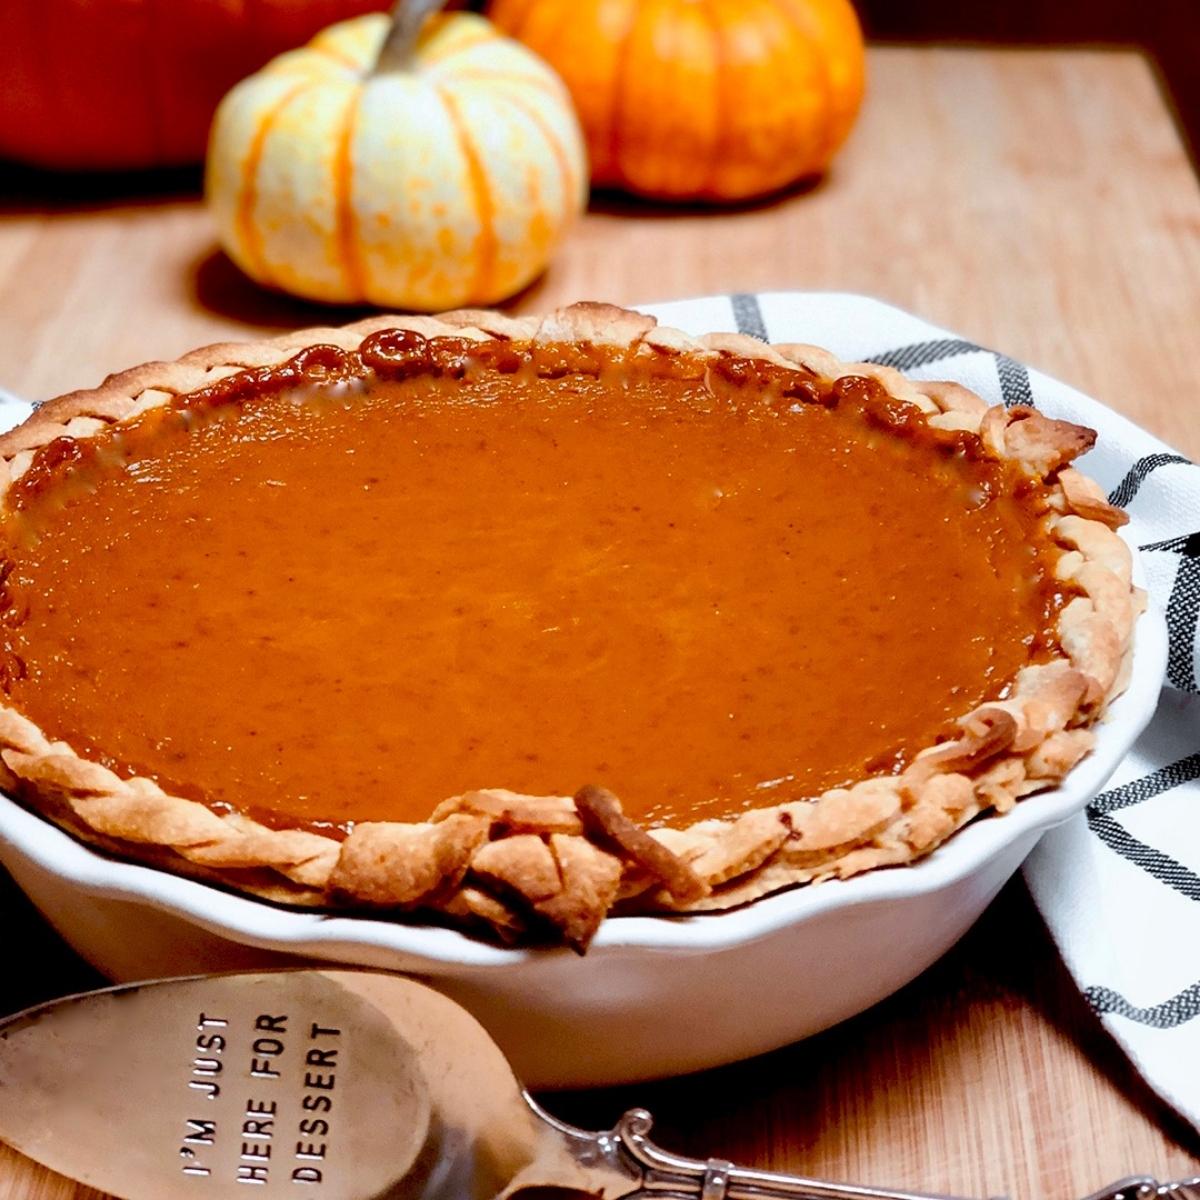 A homemade vegan pumpkin pie on a cutting board.